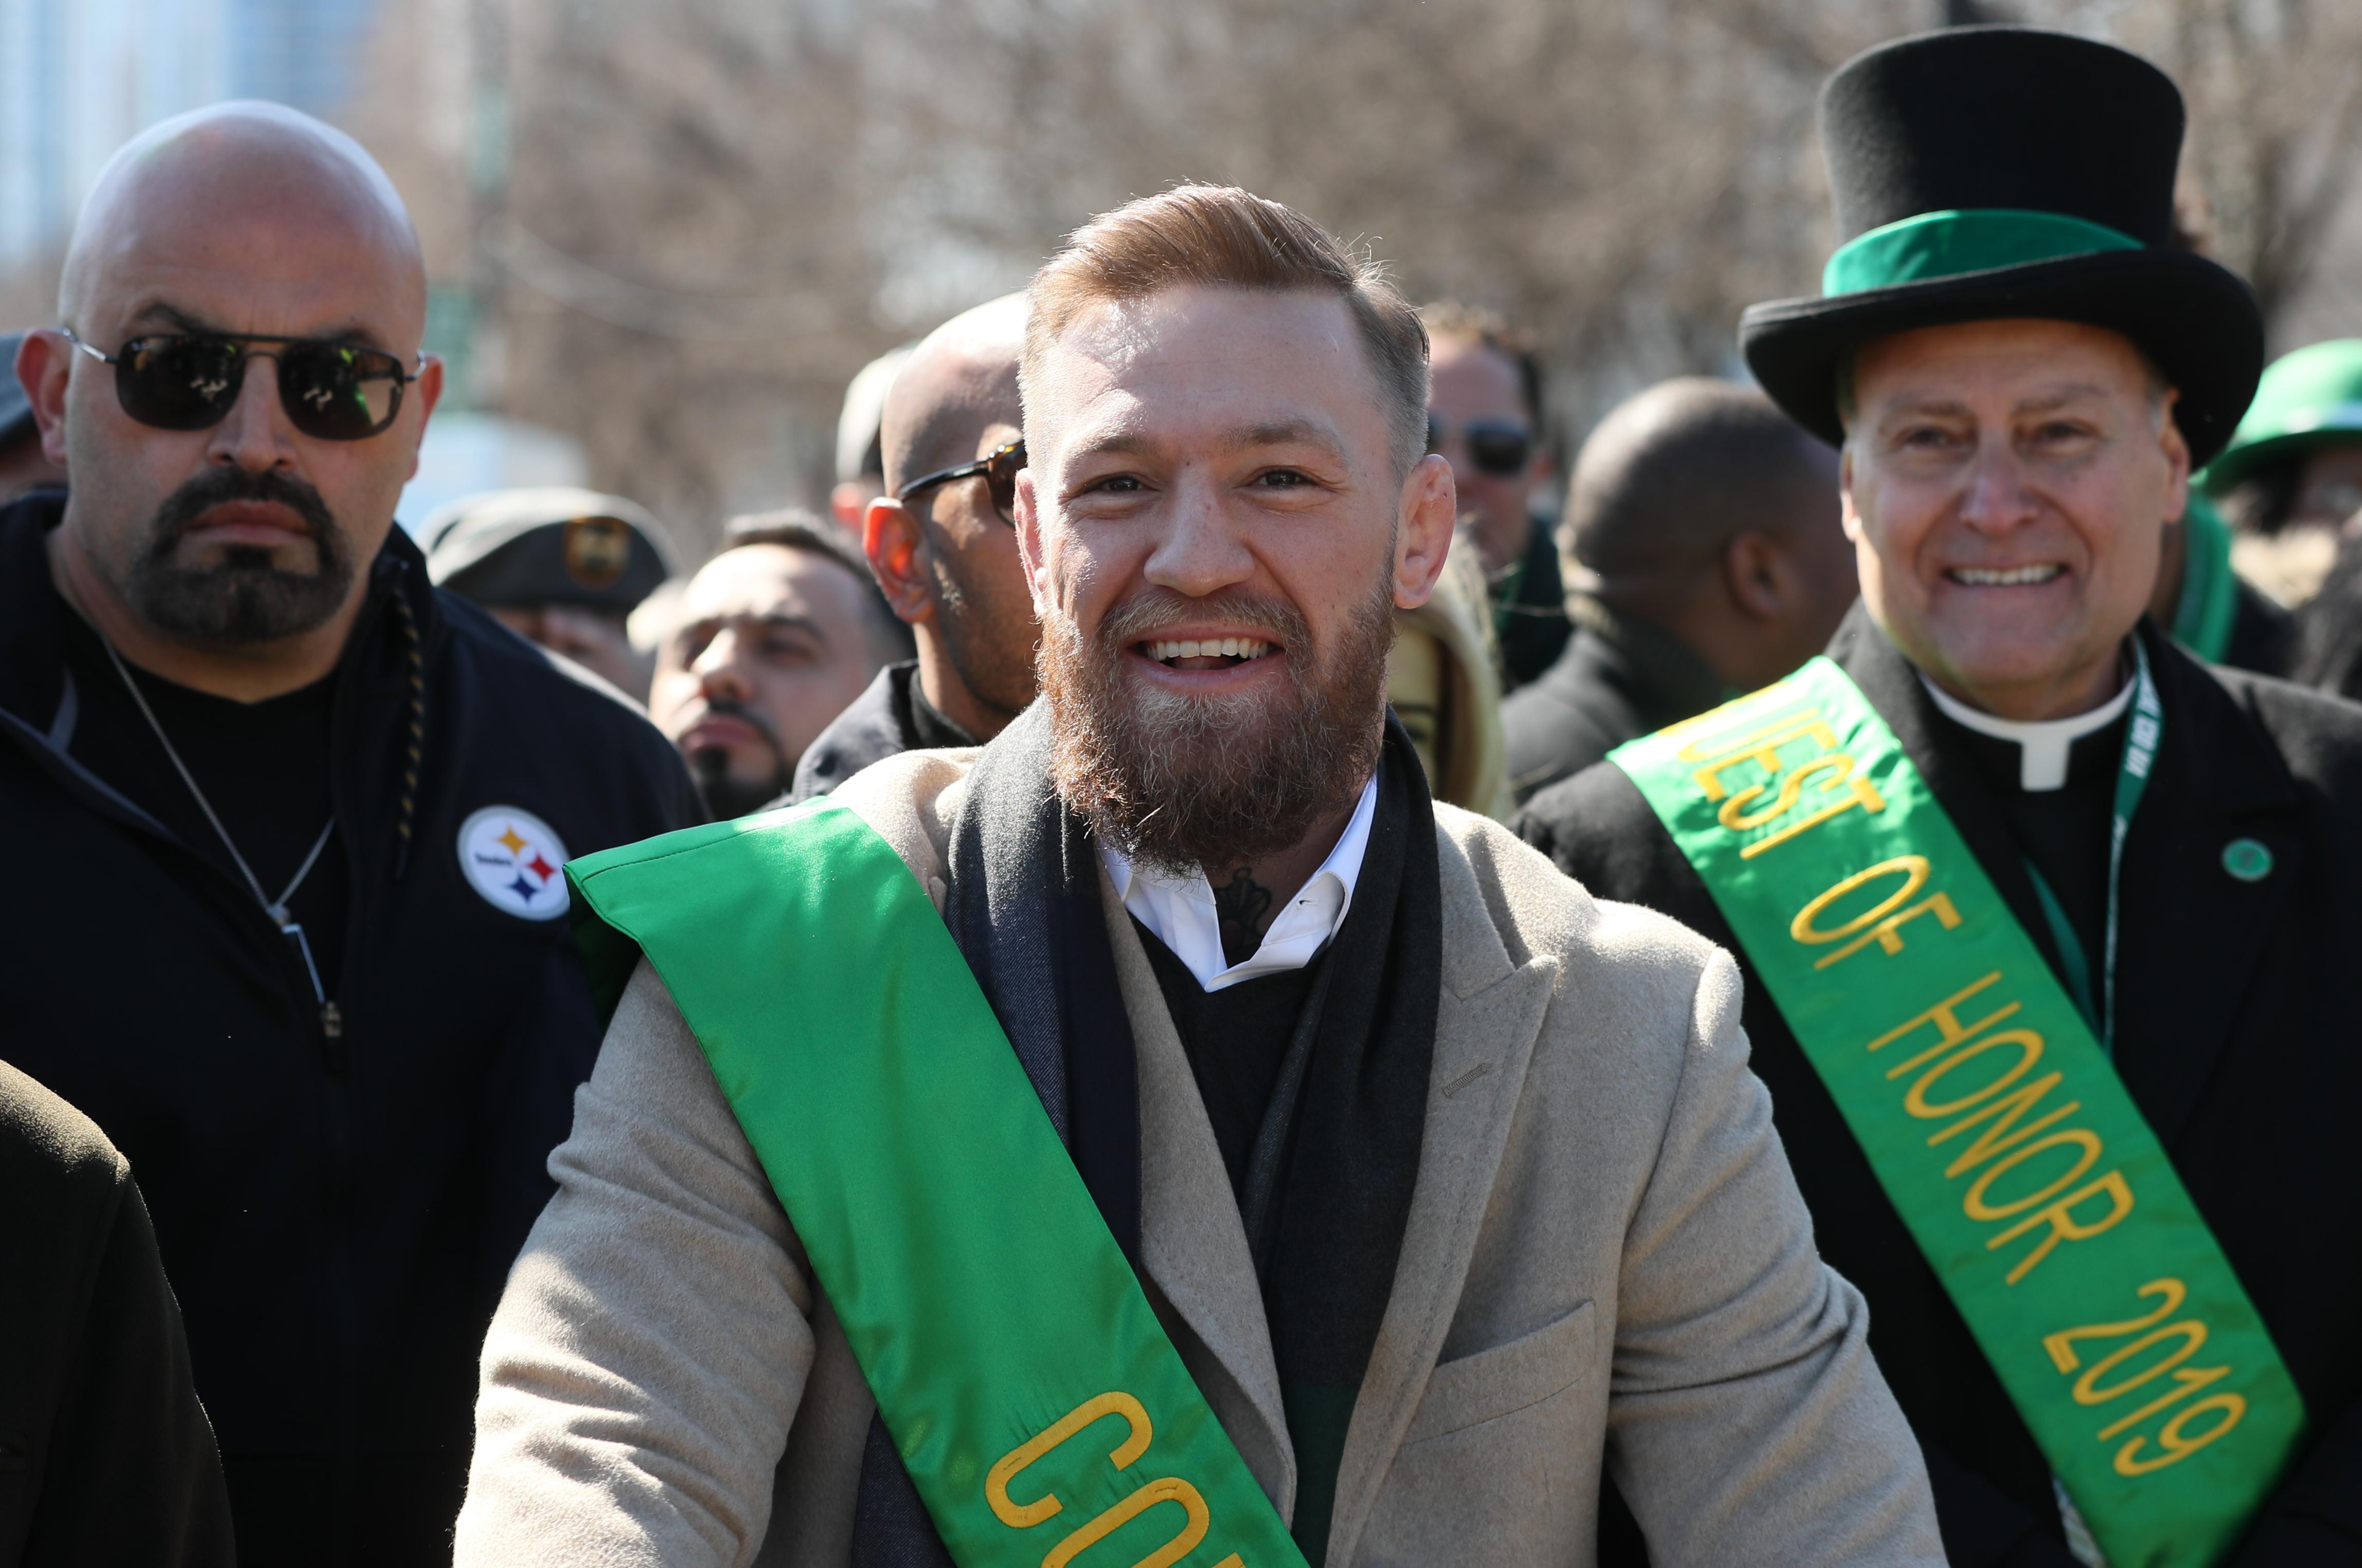 Conor McGregor hasn't fought since his defeat by Khabib Nurmagomedov last October